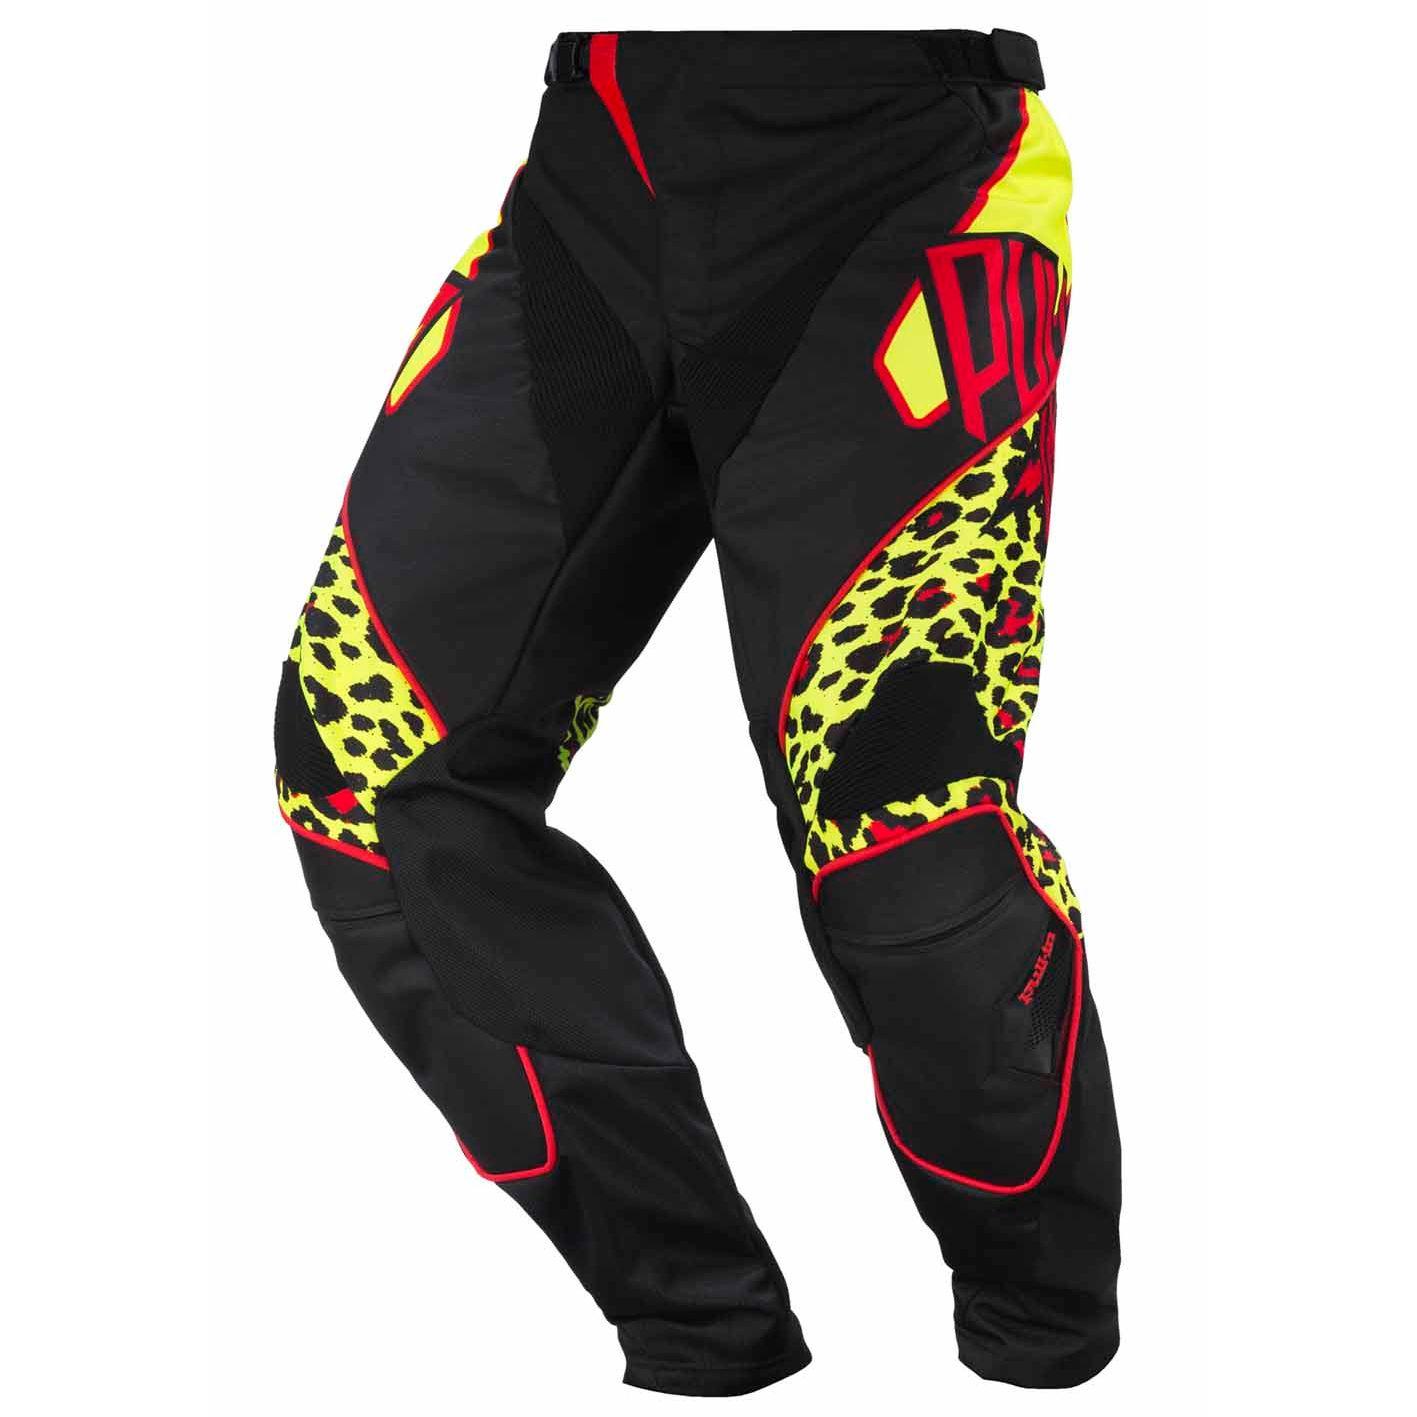 Pantalon Cross Pull-in Race - Leopard -